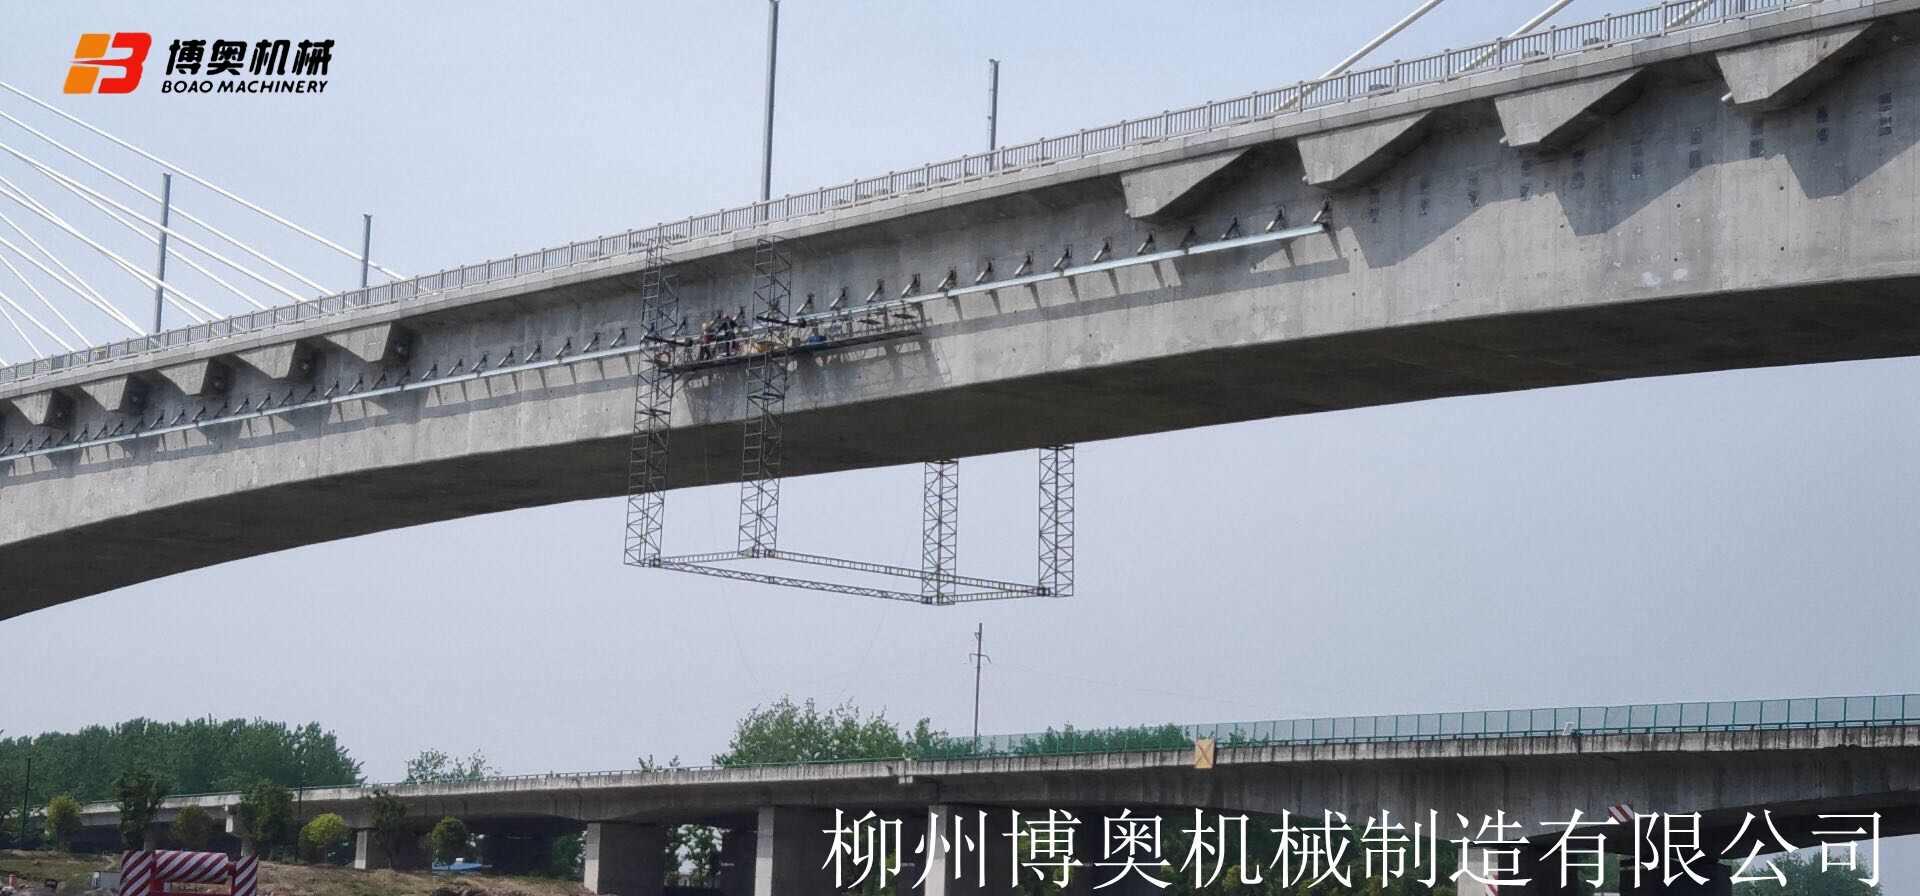 桥梁检查小车全景图